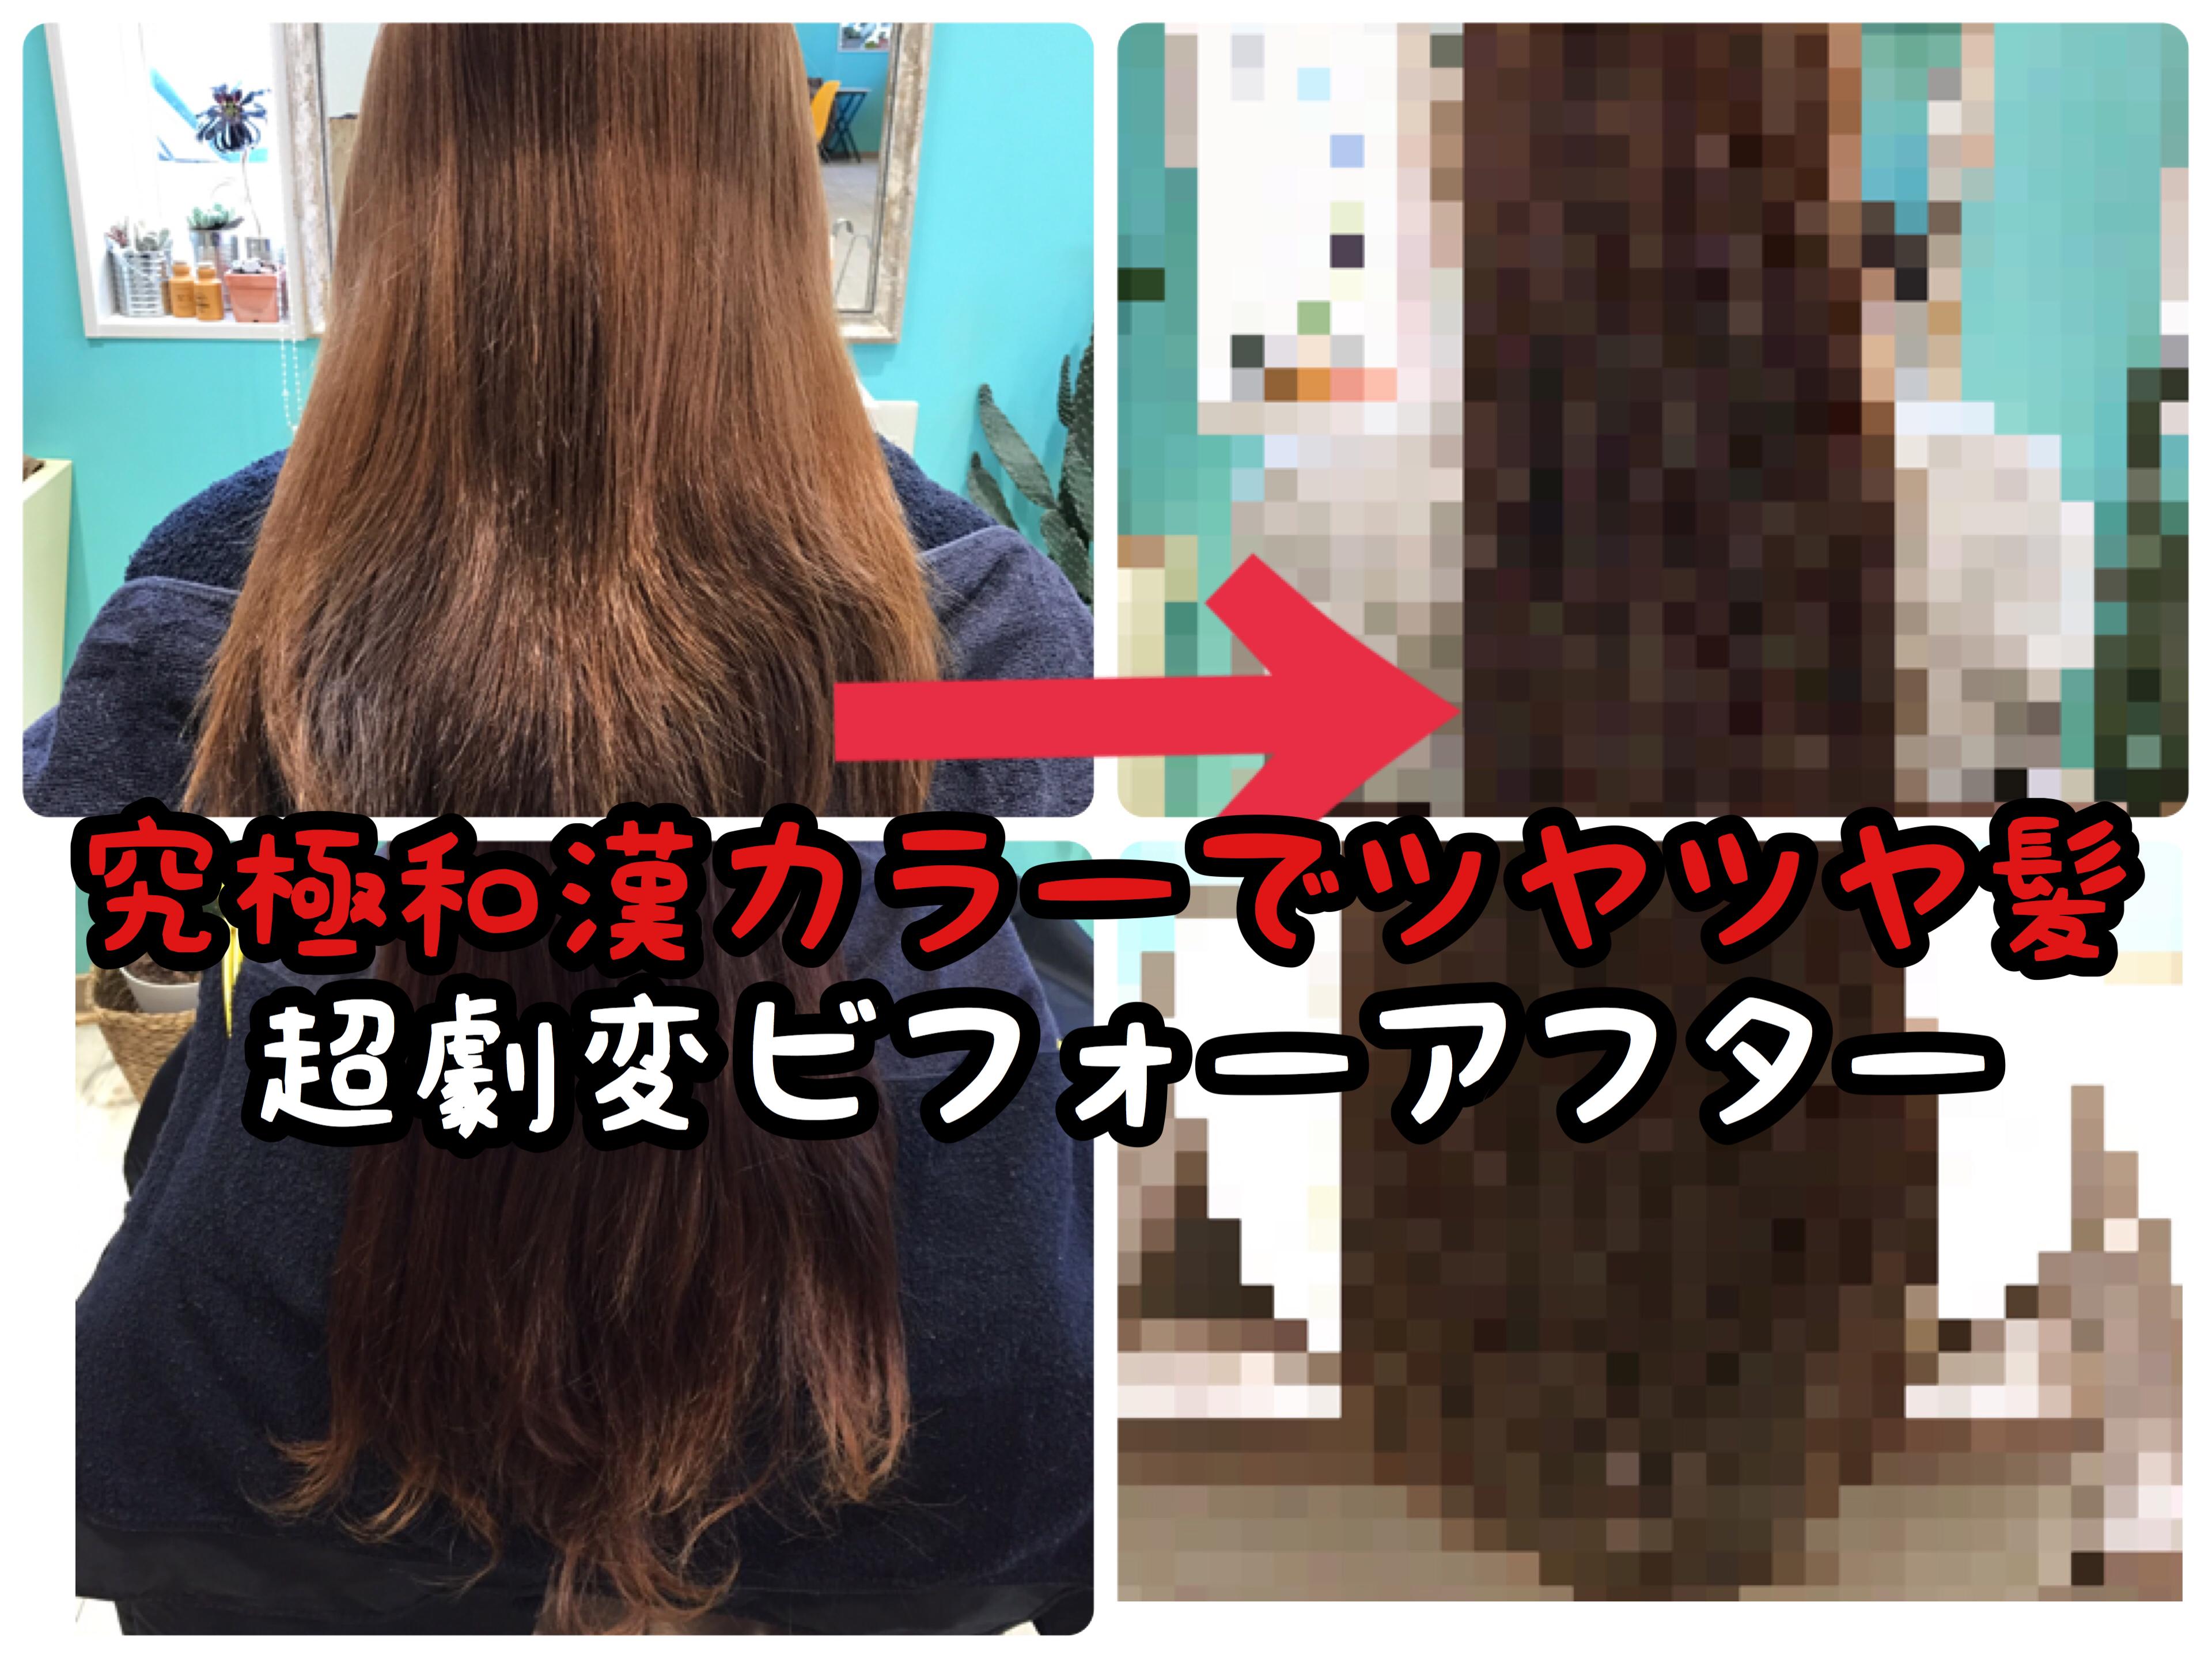 【究極】開発熱が止まりません!!極上美髪を求めて和漢カラーの実験中です